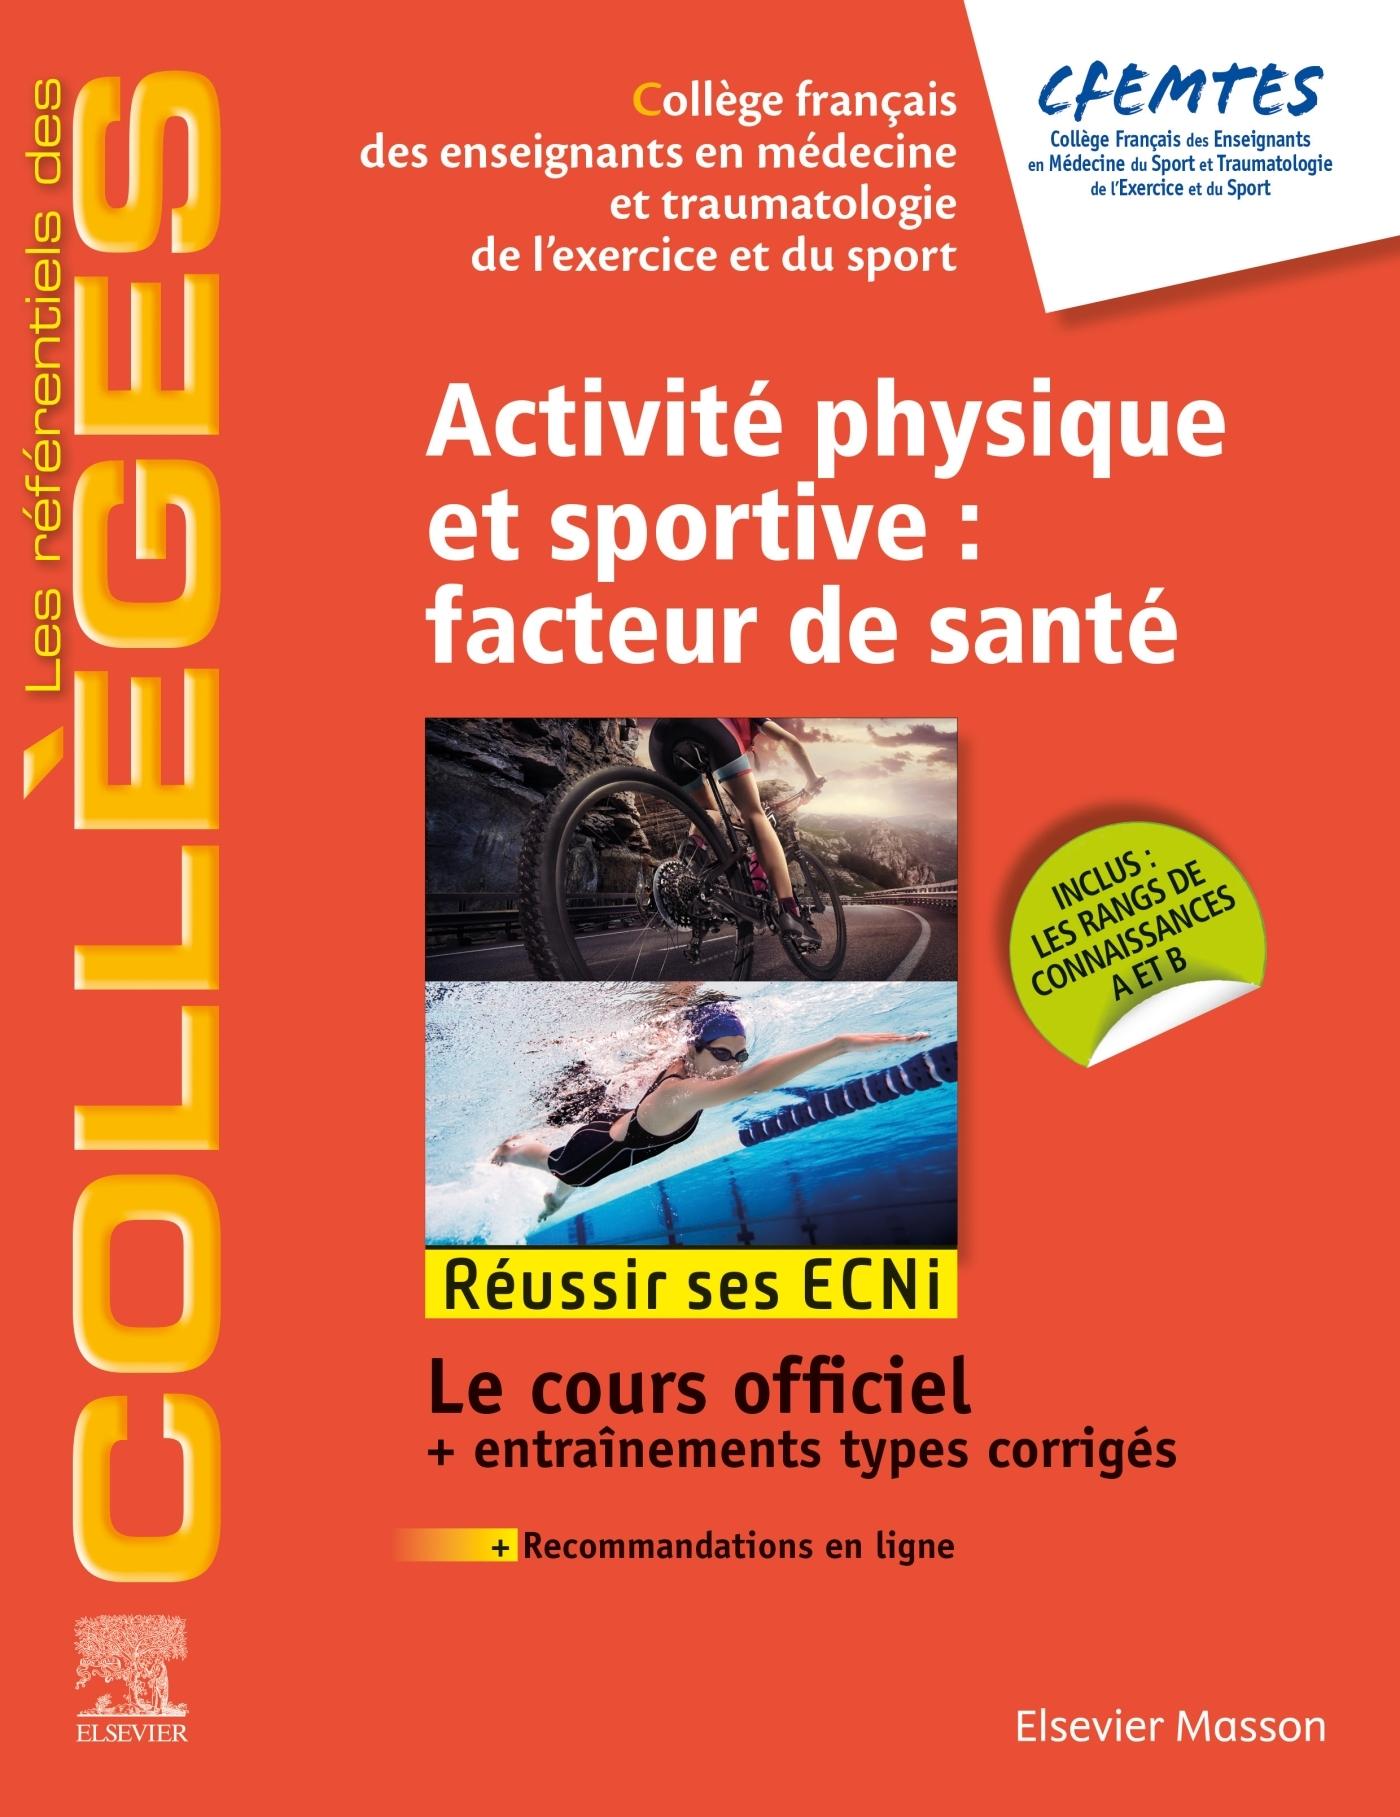 ACTIVITE PHYSIQUE ET SPORTIVE : FACTEUR DE SANTE - REUSSIR LES ECNI